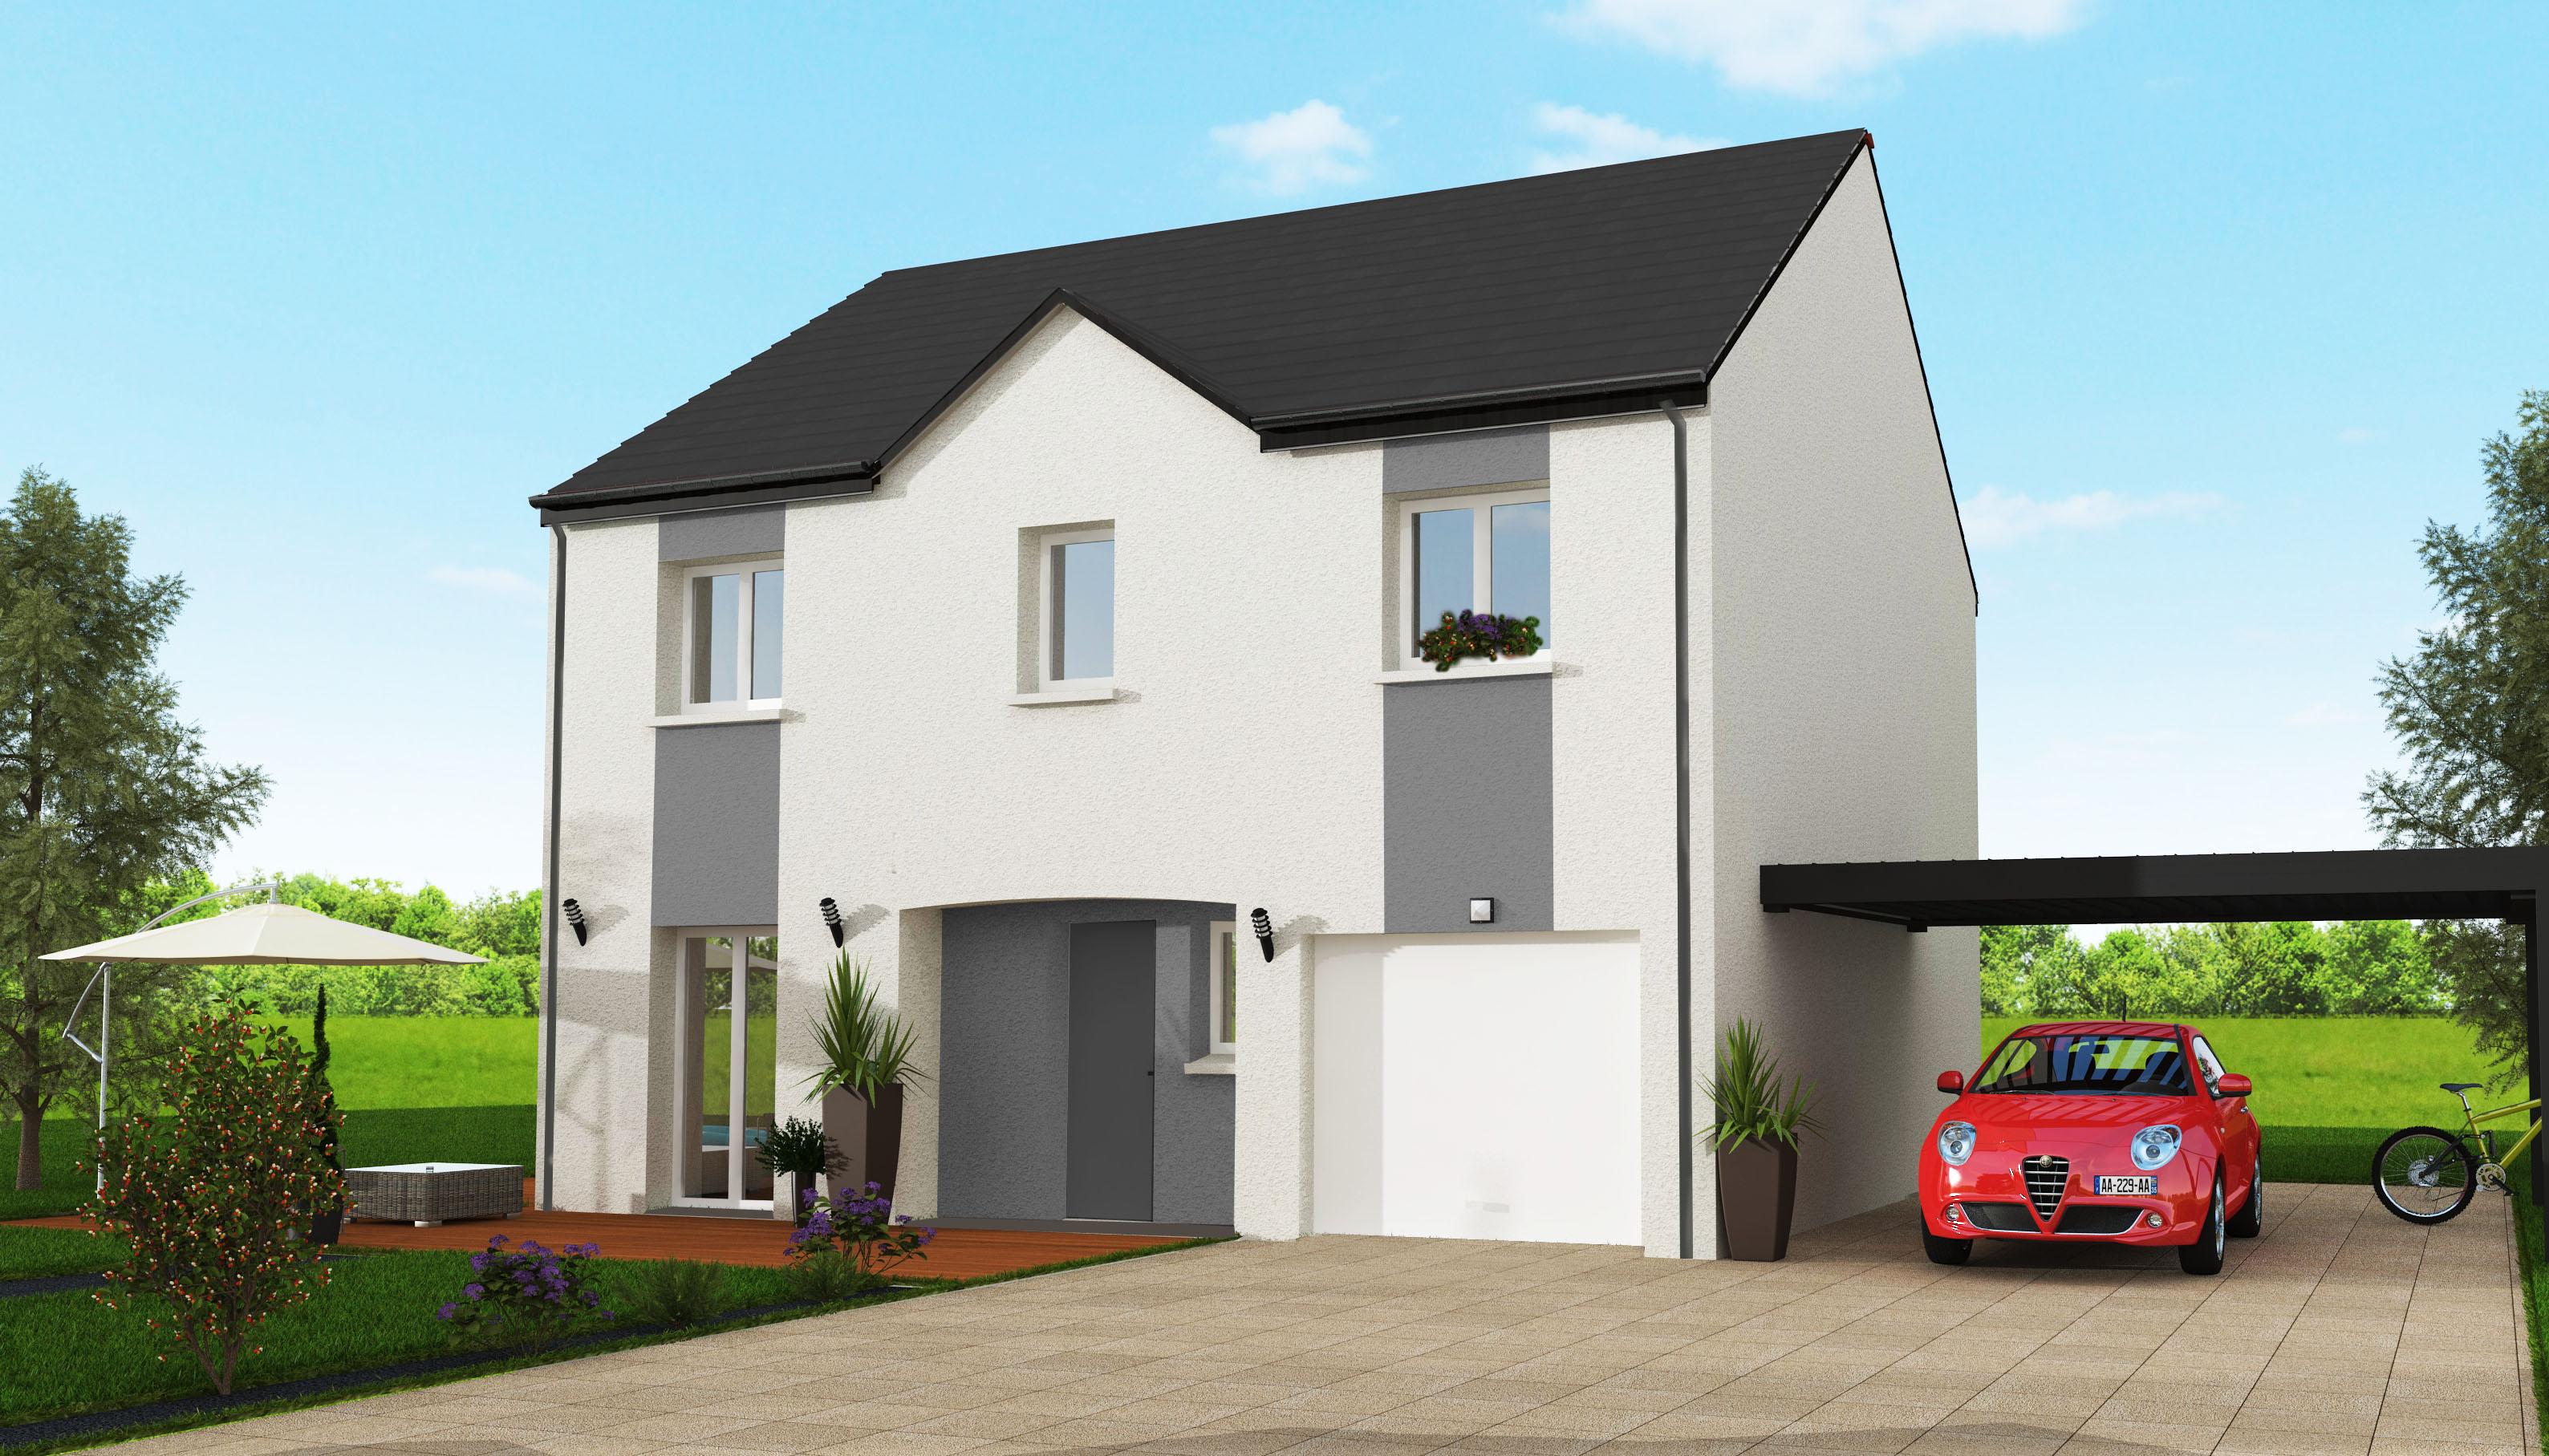 Maisons + Terrains du constructeur MAISON 7 SENS • 114 m² • GRIGNY